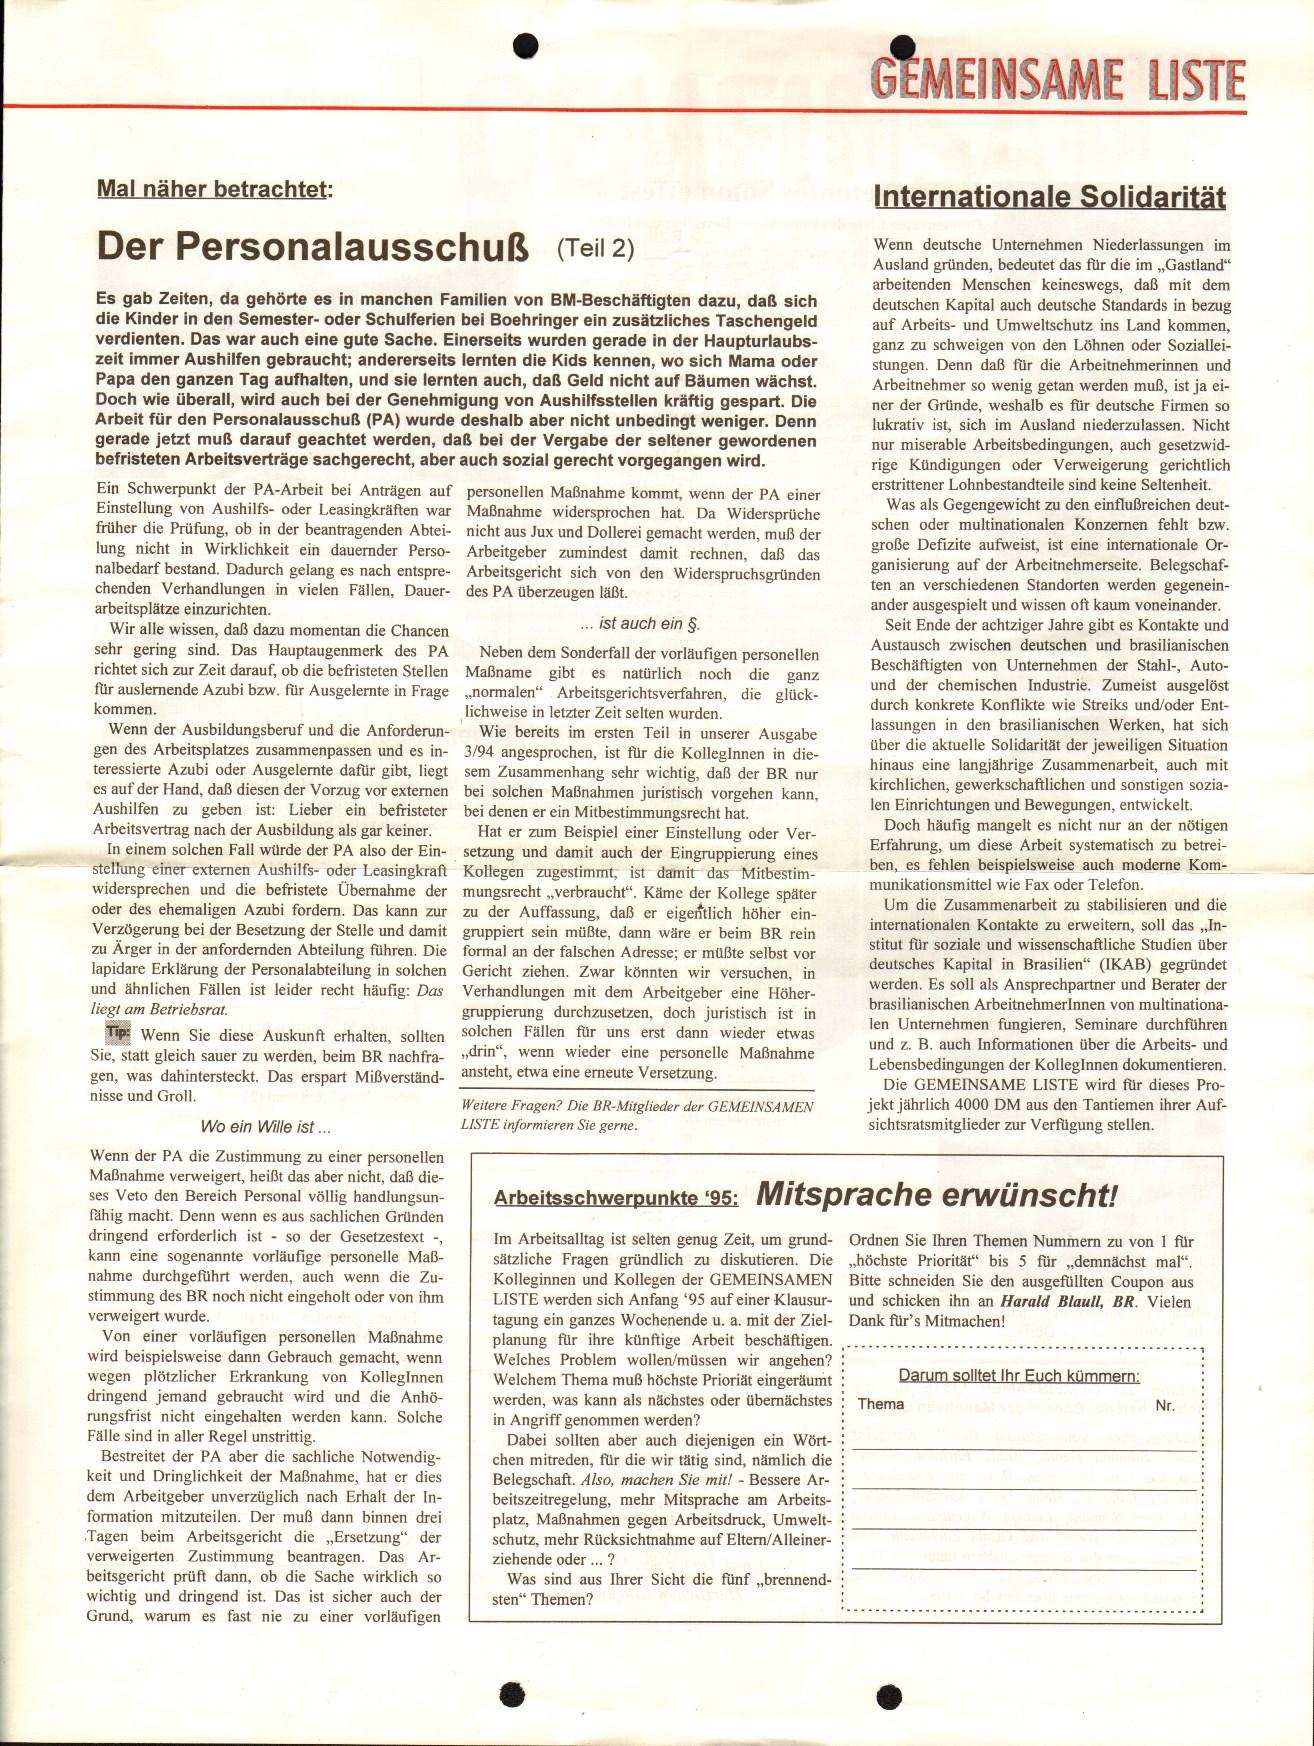 Mannheim_Boehringer_Gemeinsame_Liste_1994_04_03